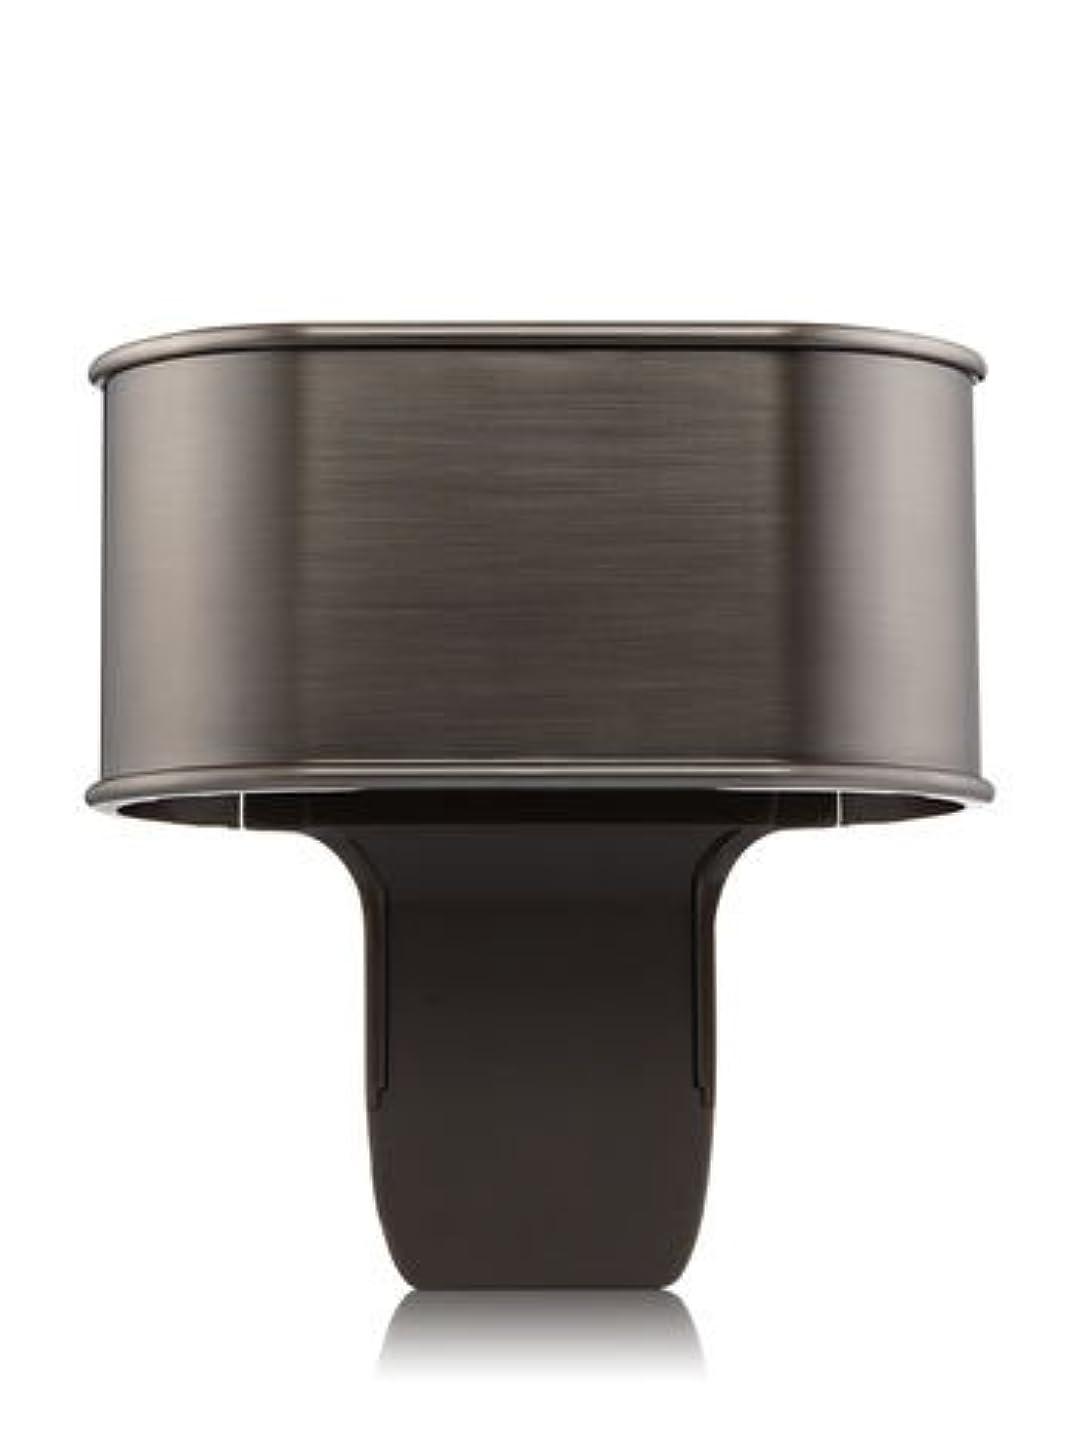 路面電車資産カート【Bath&Body Works/バス&ボディワークス】 ルームフレグランス プラグインスターター デュオプラグ (本体のみ) Scent Switching Wallflowers Duo Plug Brushed Faux Nickel [並行輸入品]